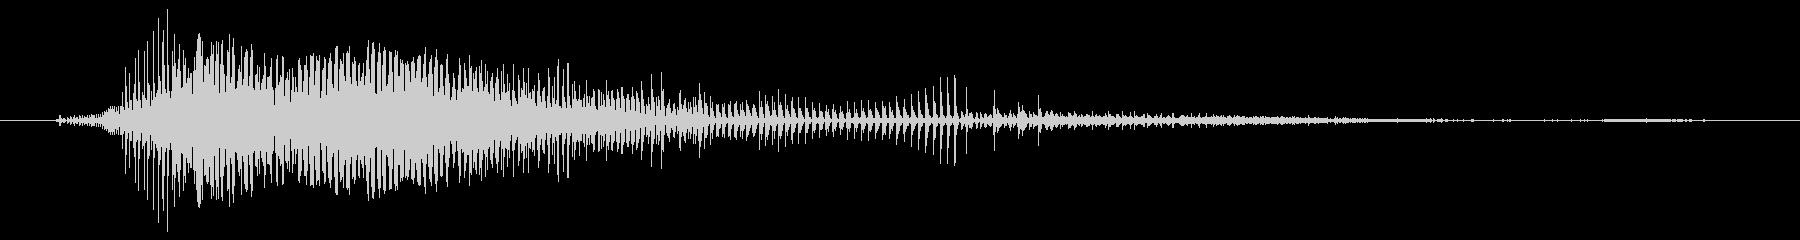 モンスター ダイハイ05の未再生の波形